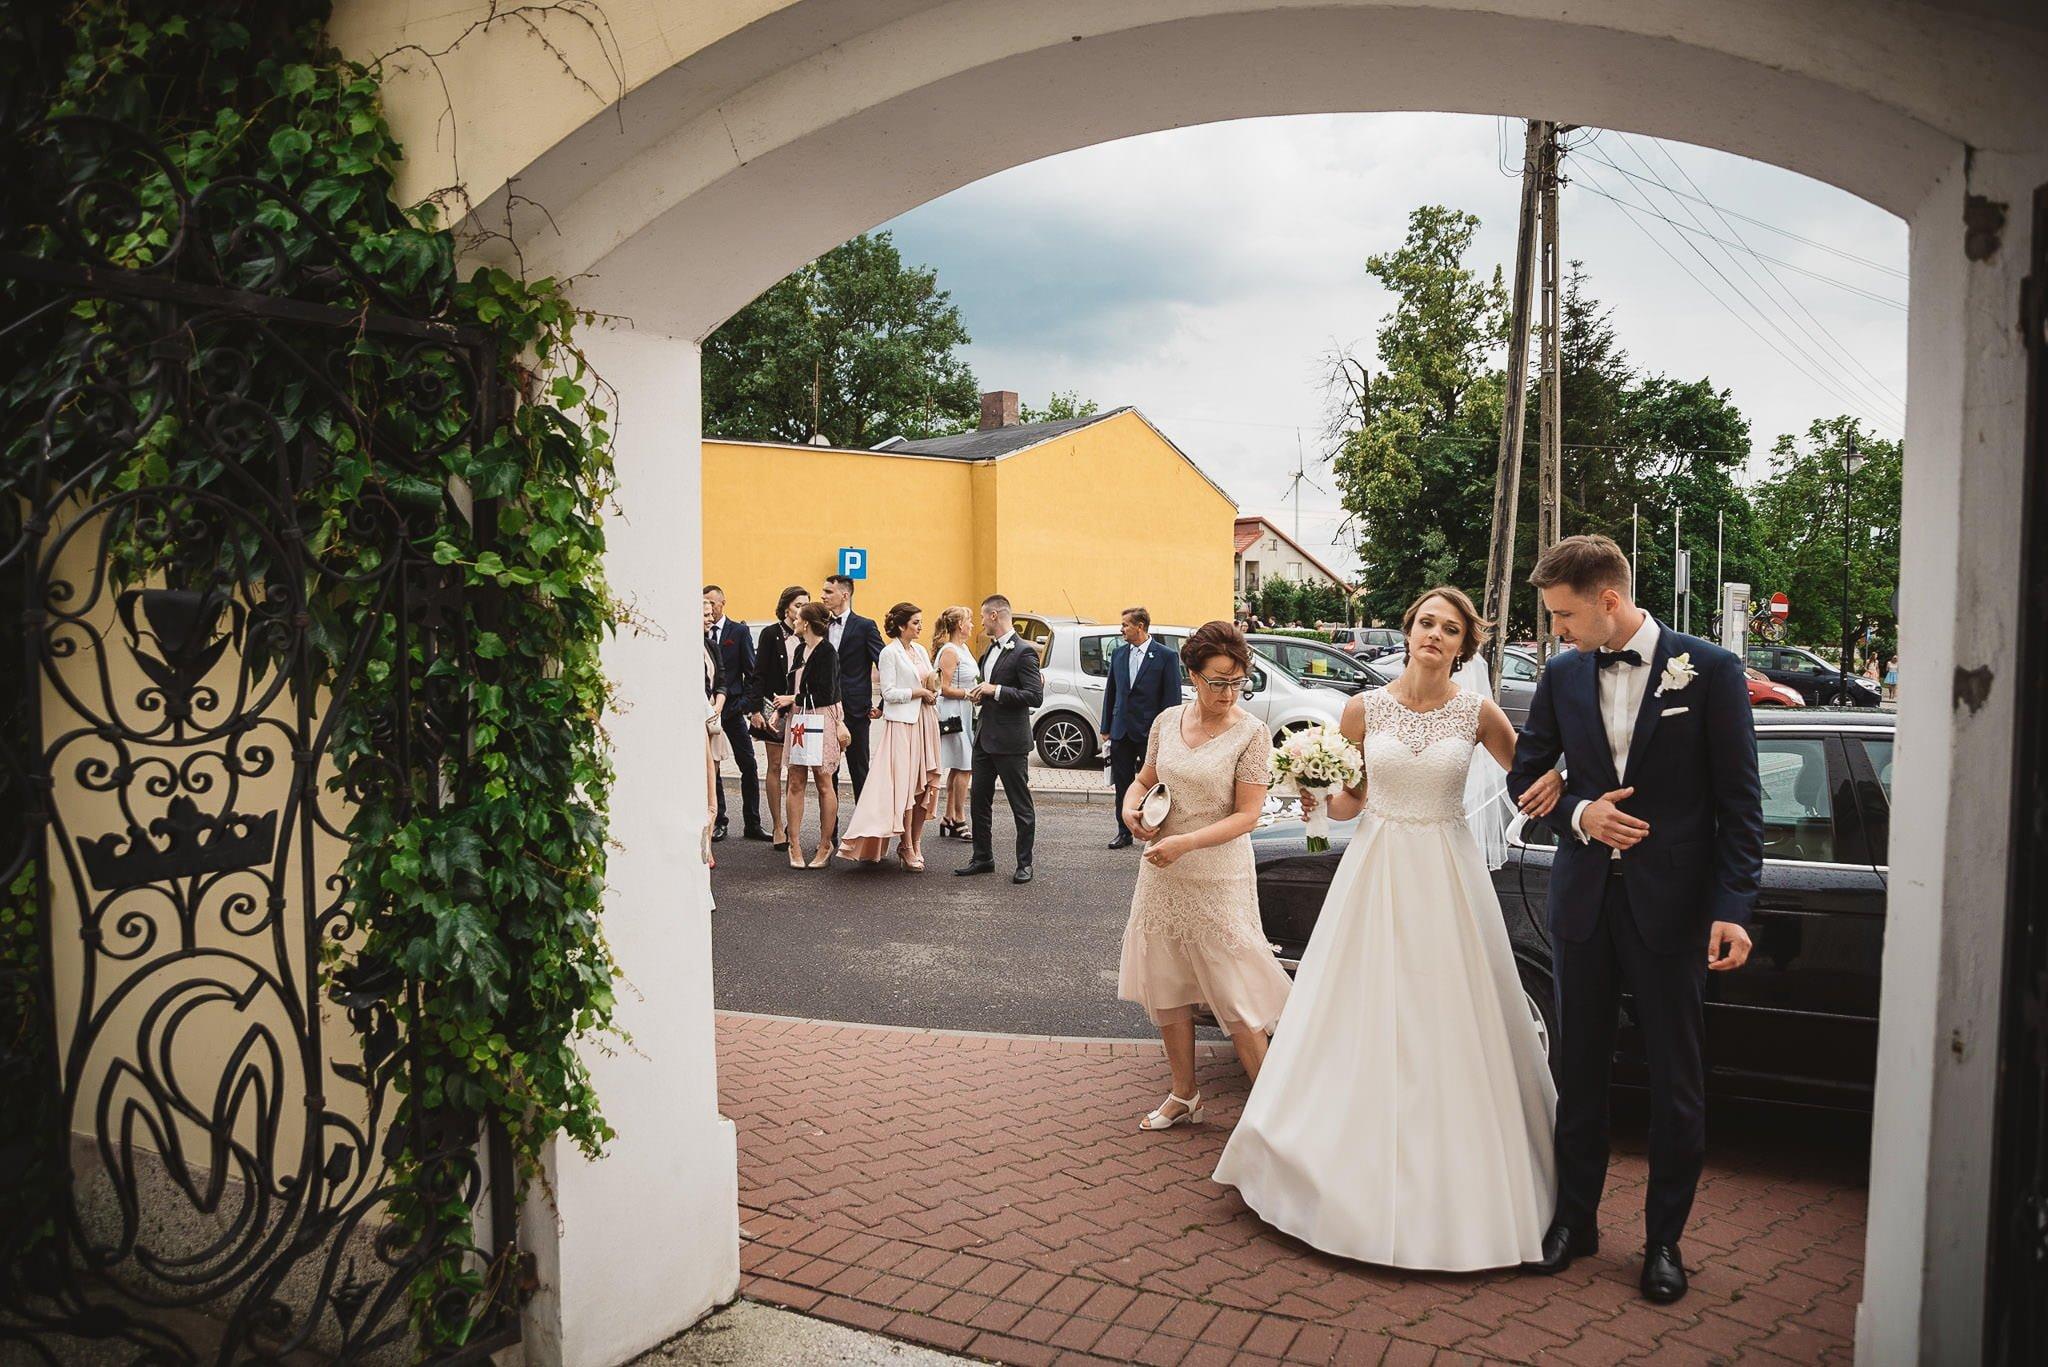 Monika i Michał, wesele w Paryżu i sesja plenerowa w stadninie koni w Czołowie 80